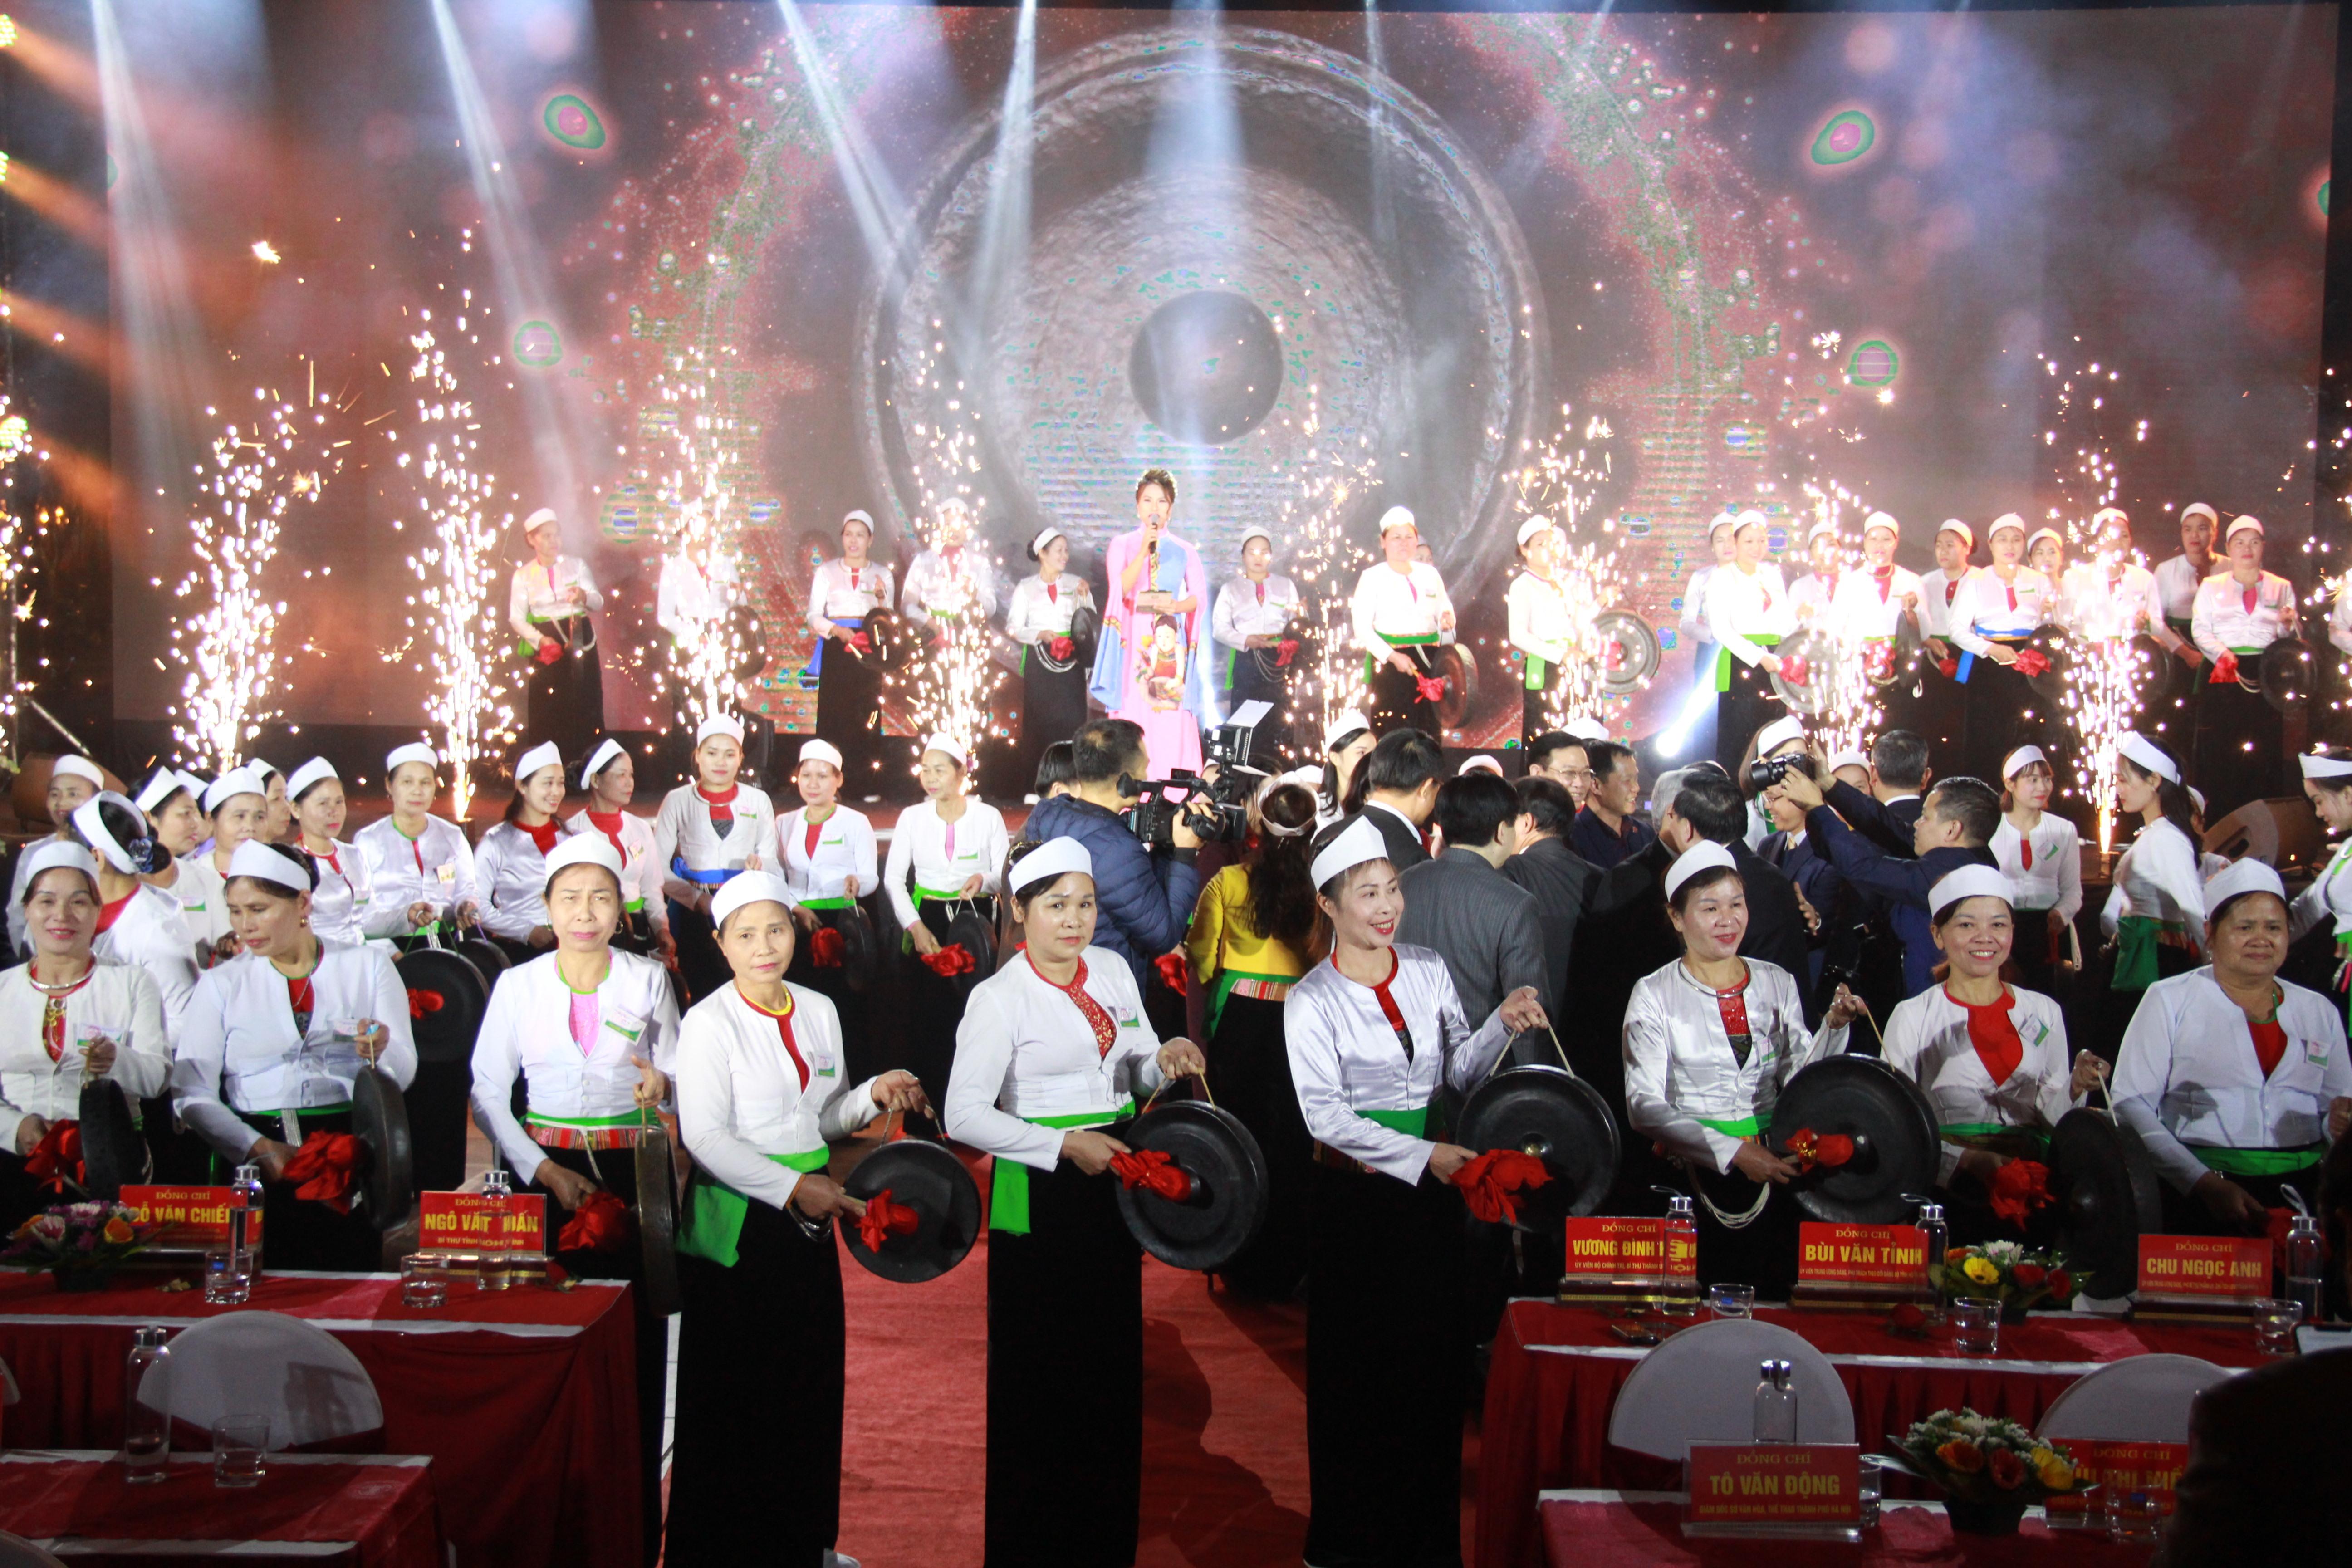 Tuần lễ văn hóa các dân tộc tỉnh Hòa Bình tại Hà Nội 2021